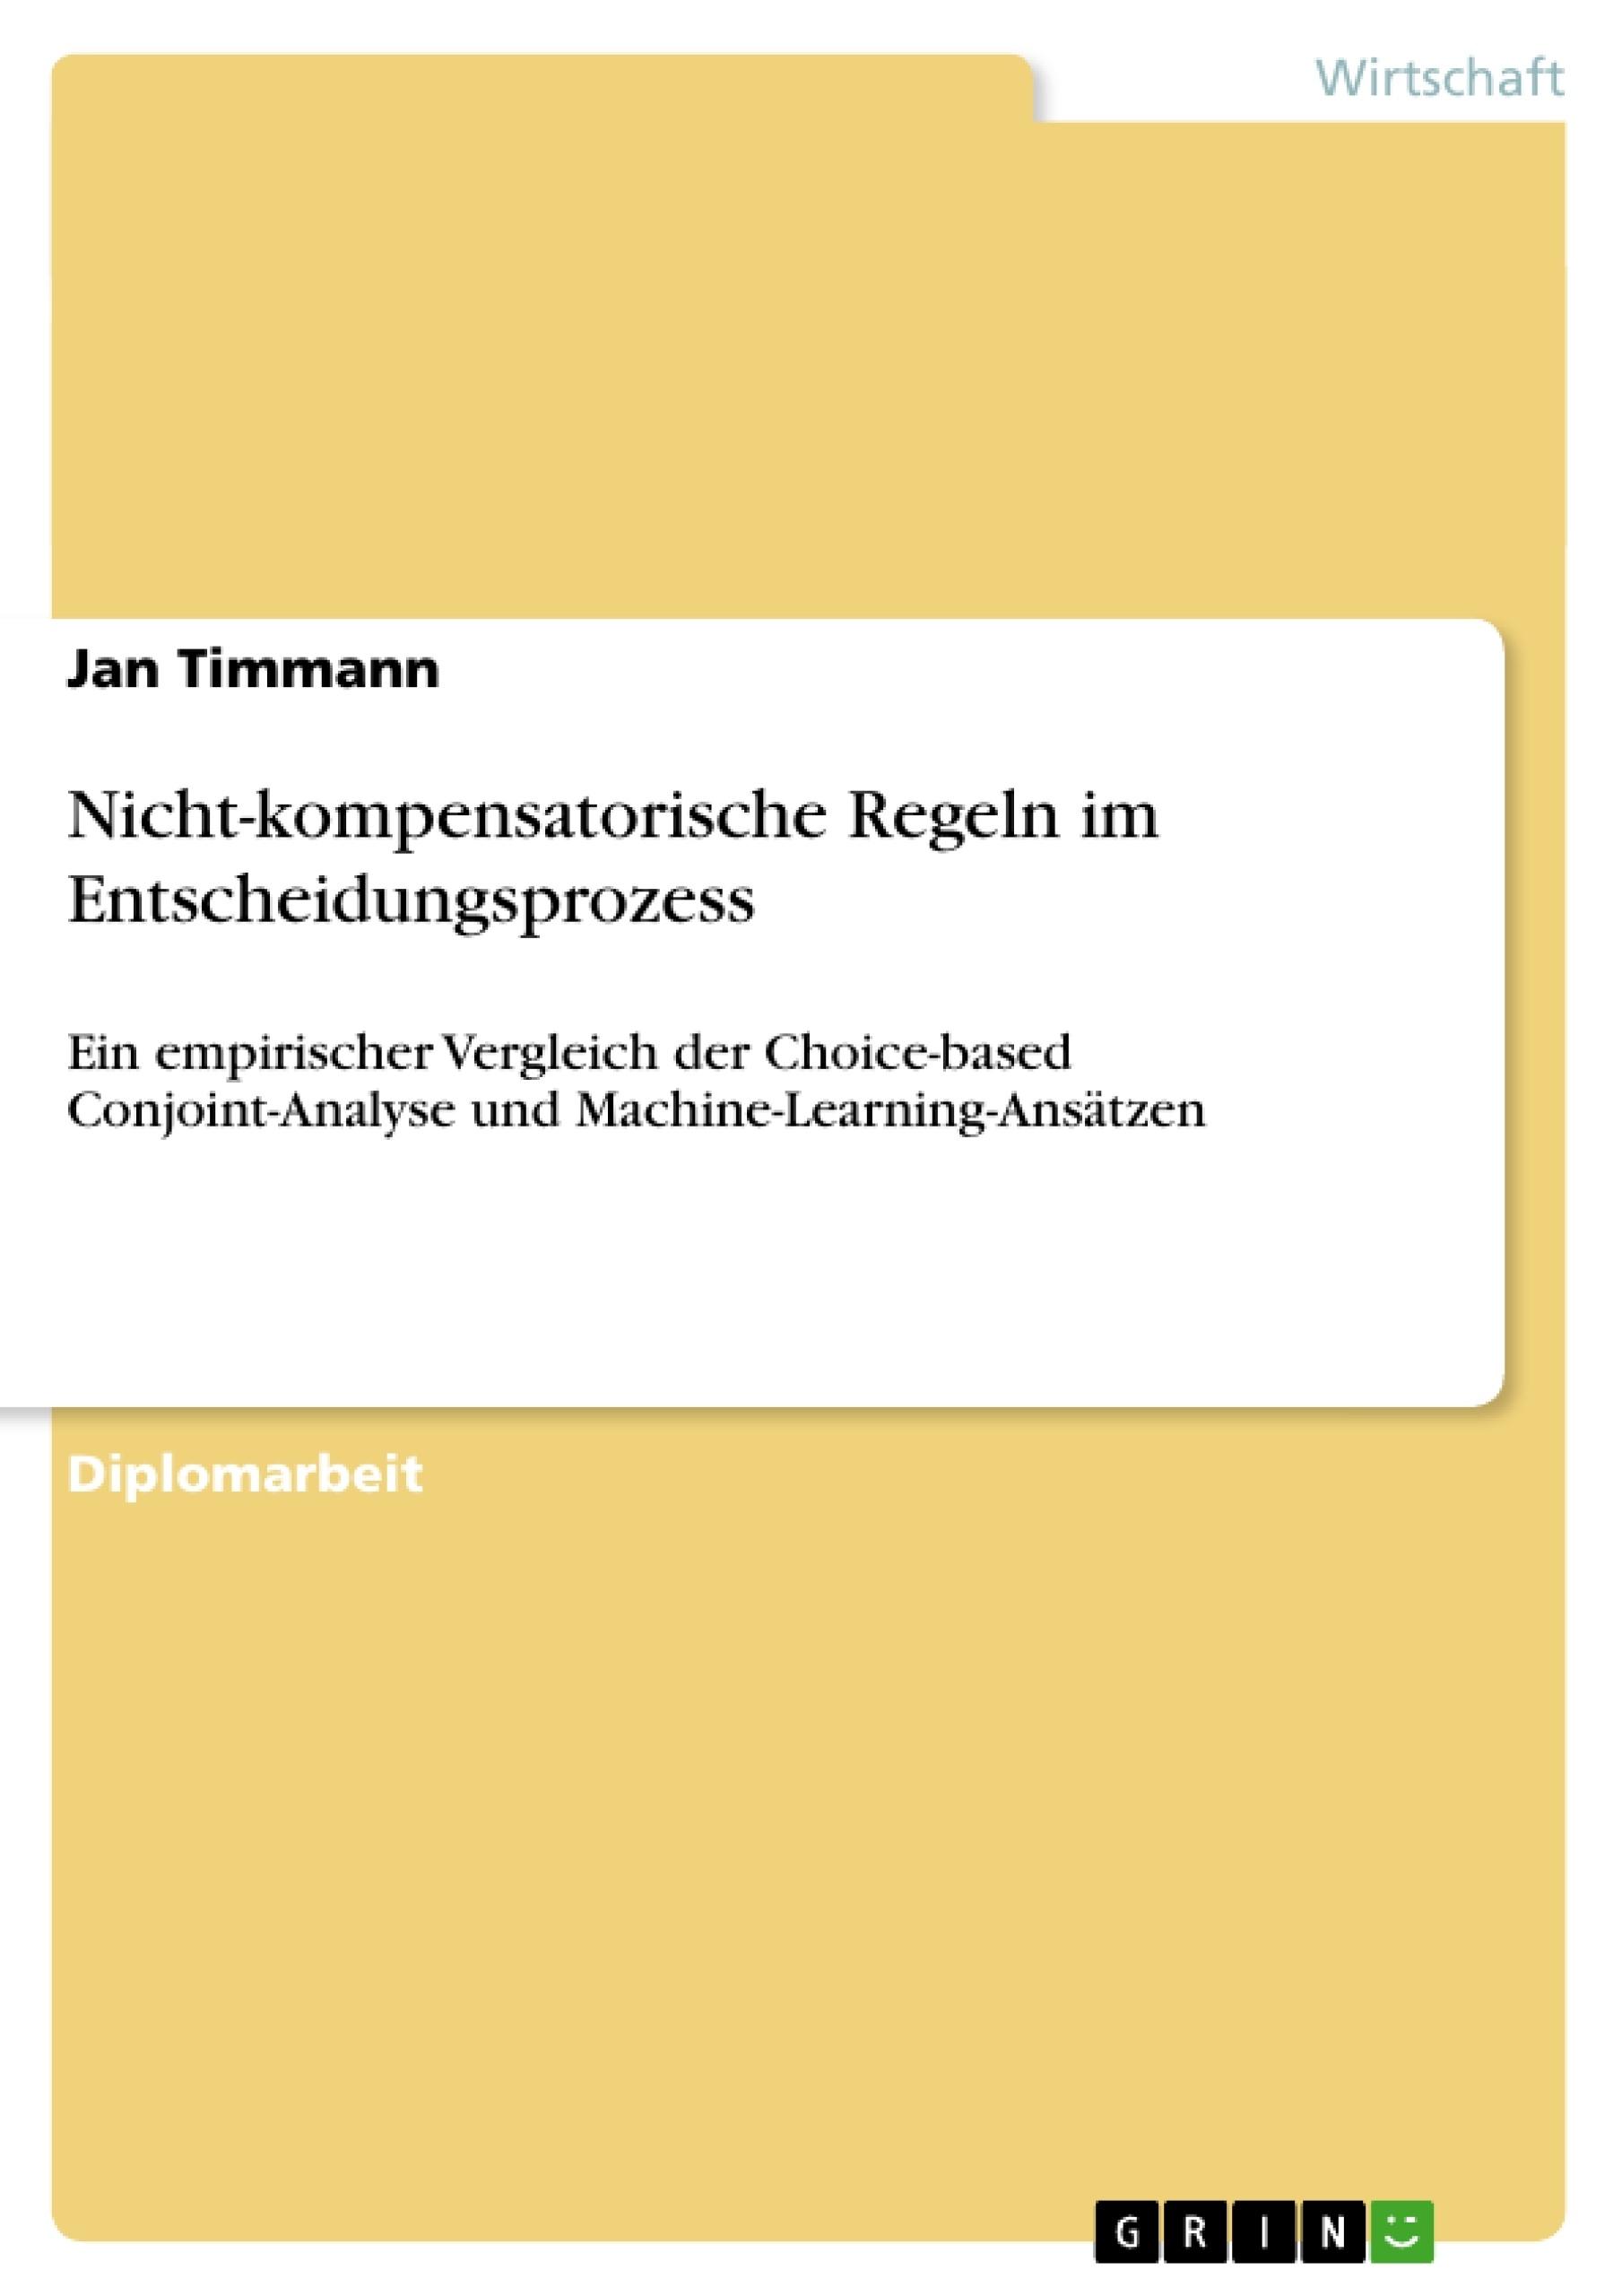 Titel: Nicht-kompensatorische Regeln im Entscheidungsprozess